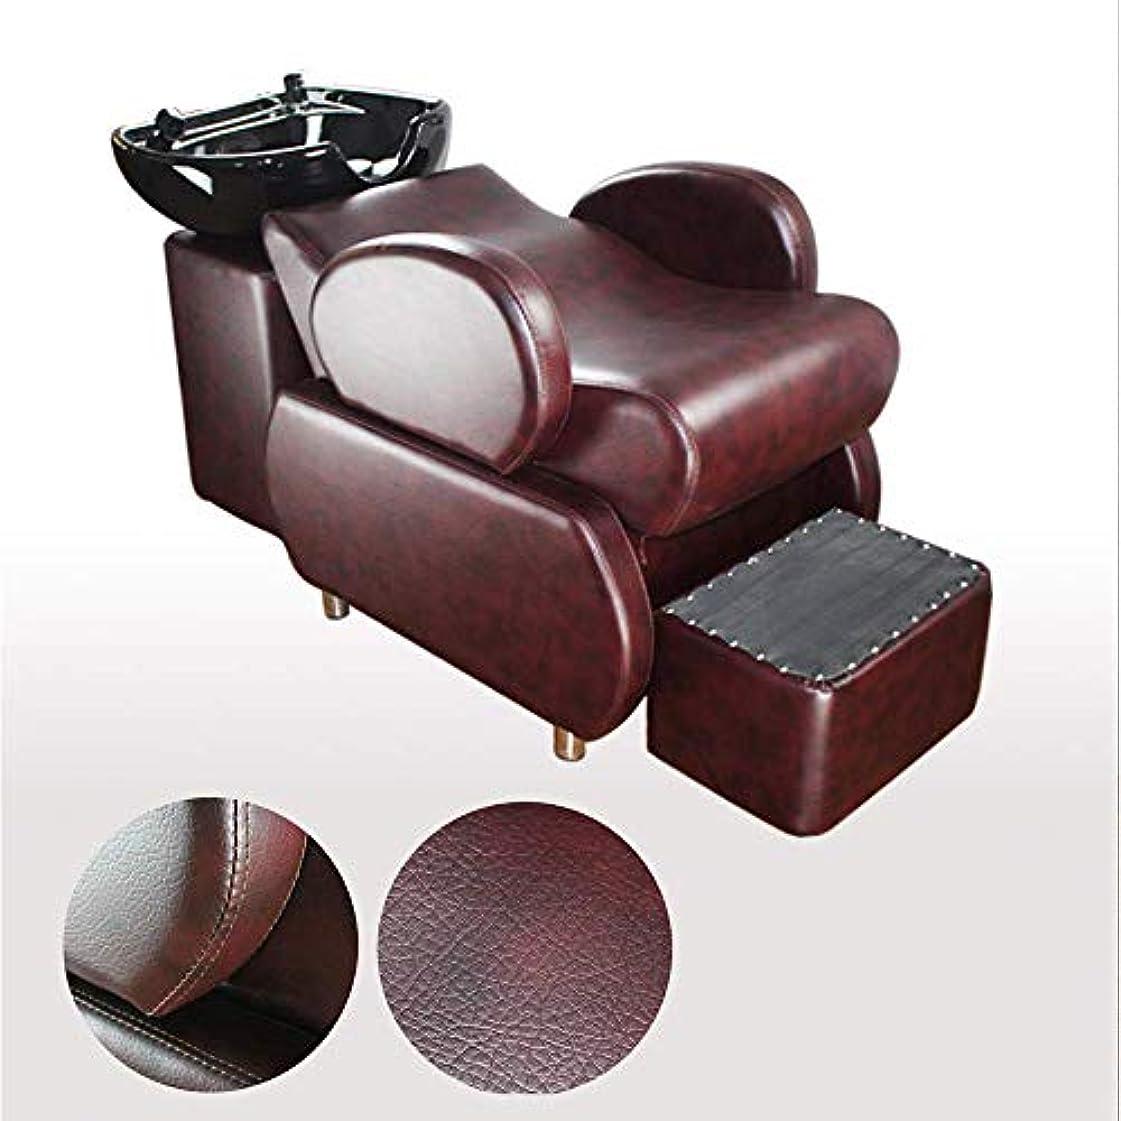 化石取り戻すタイトシャンプーチェア、逆洗ユニットシャンプーボウル理髪シンク椅子半横たわっているシャンプーベッドスパ美容院機器